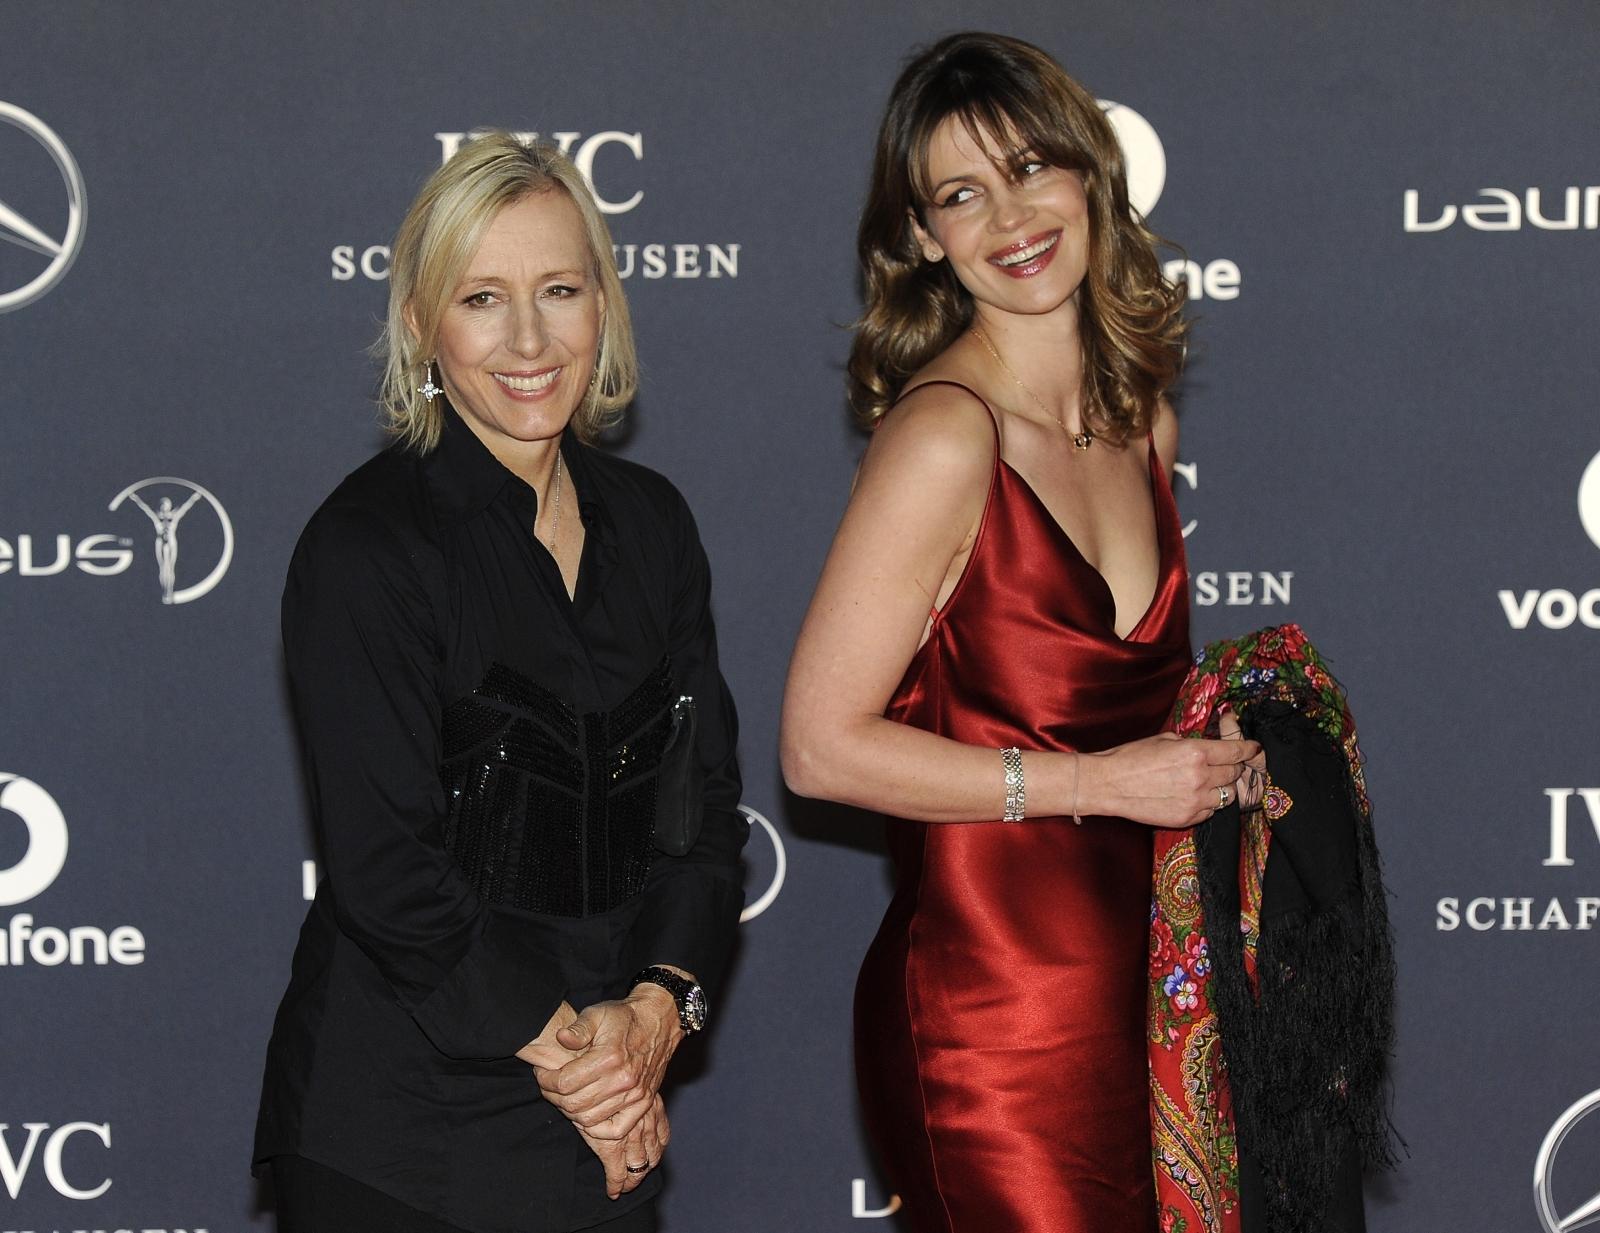 Martina Navratilova and wife Julia Lemigova